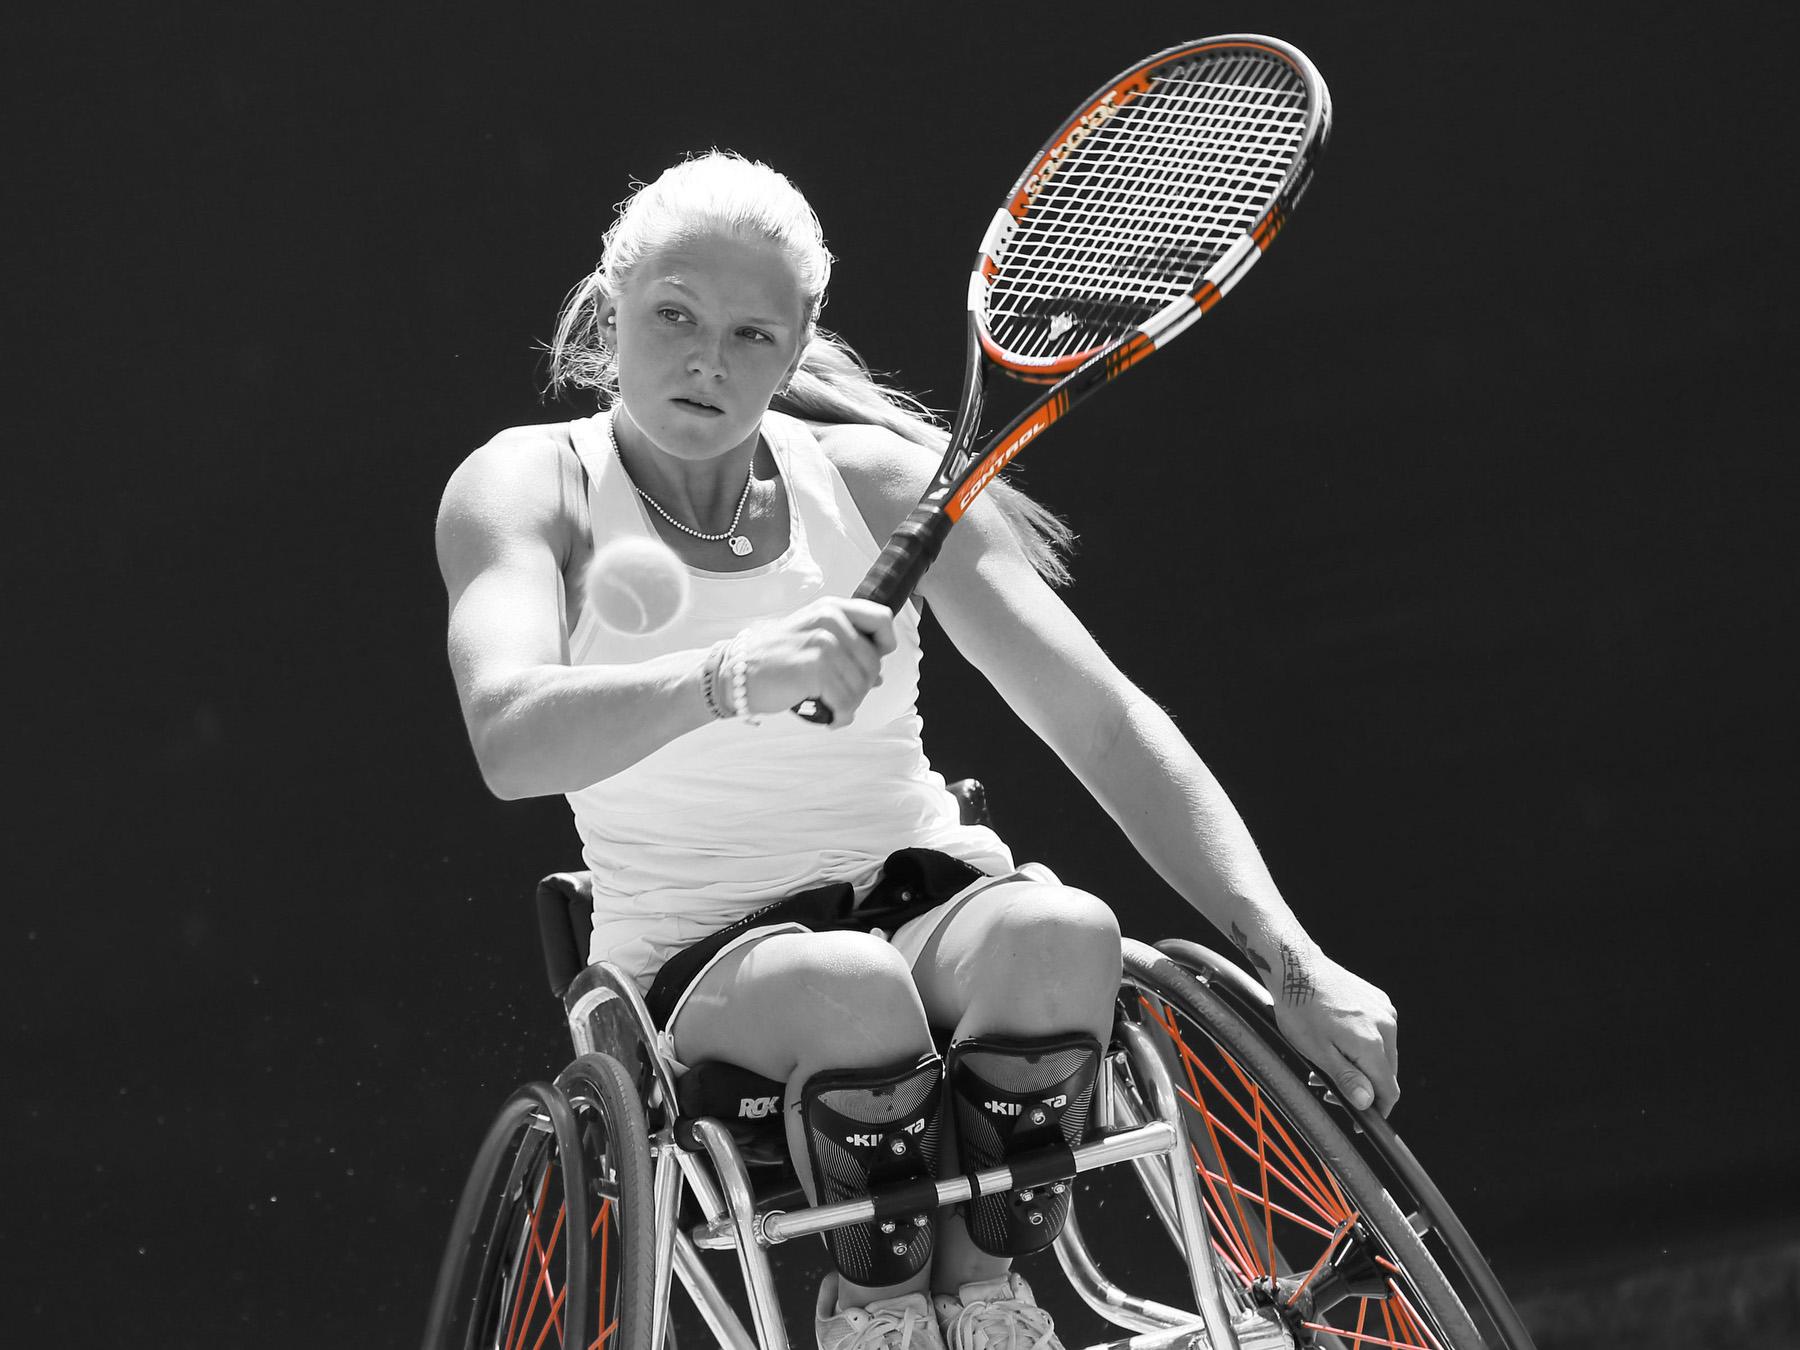 IKO careers | Jordanne Whiley